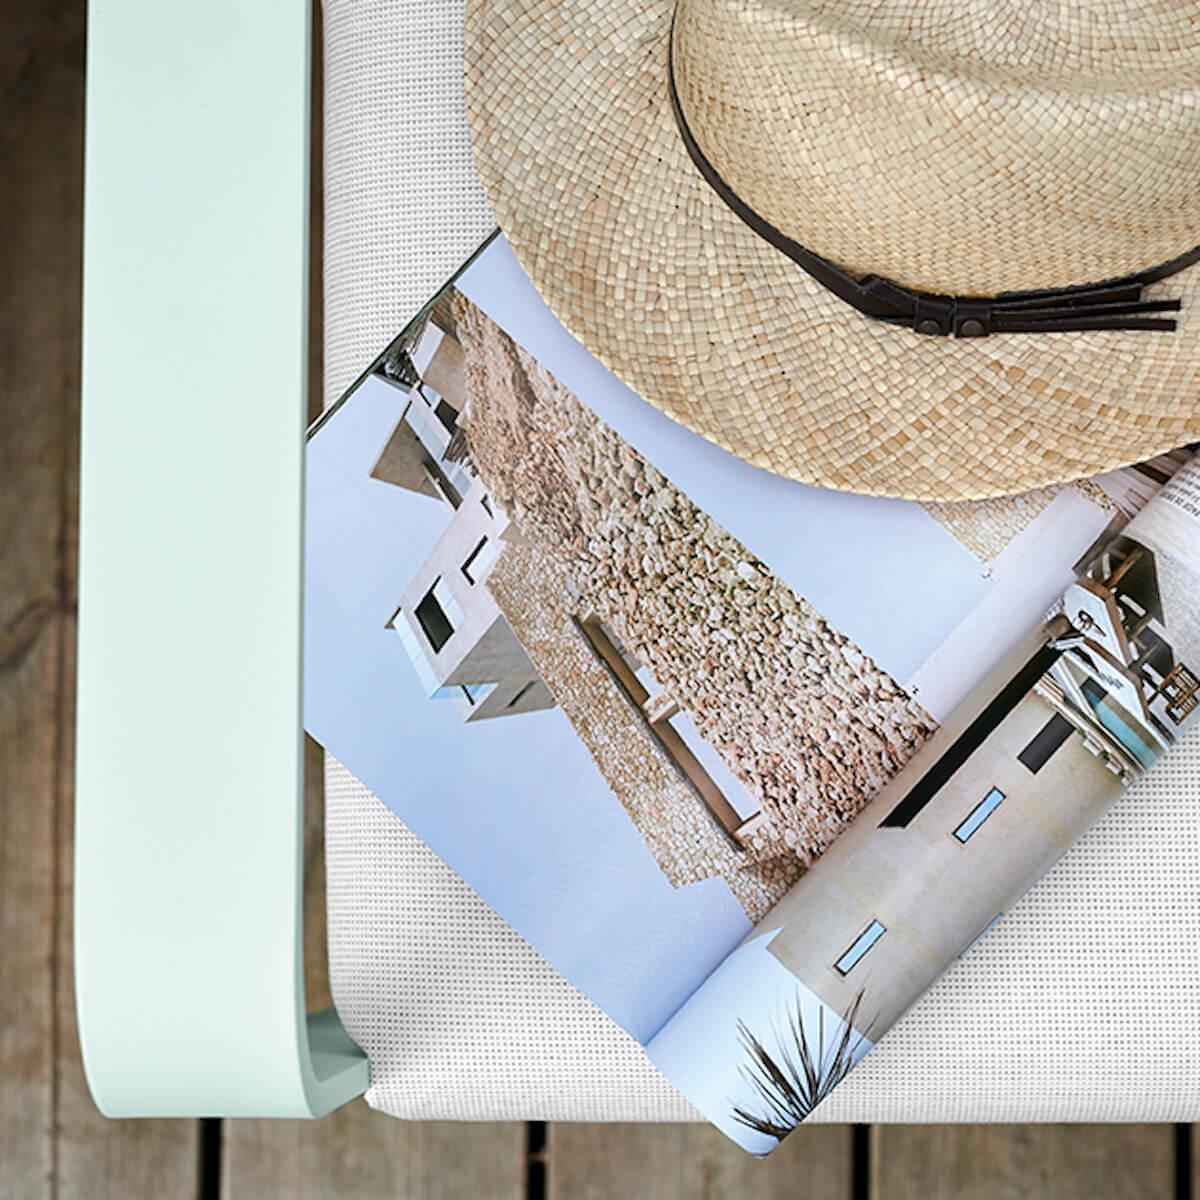 Fauteuil de jardin BELLEVIE Fermob menthe glaciale-blanc grisé